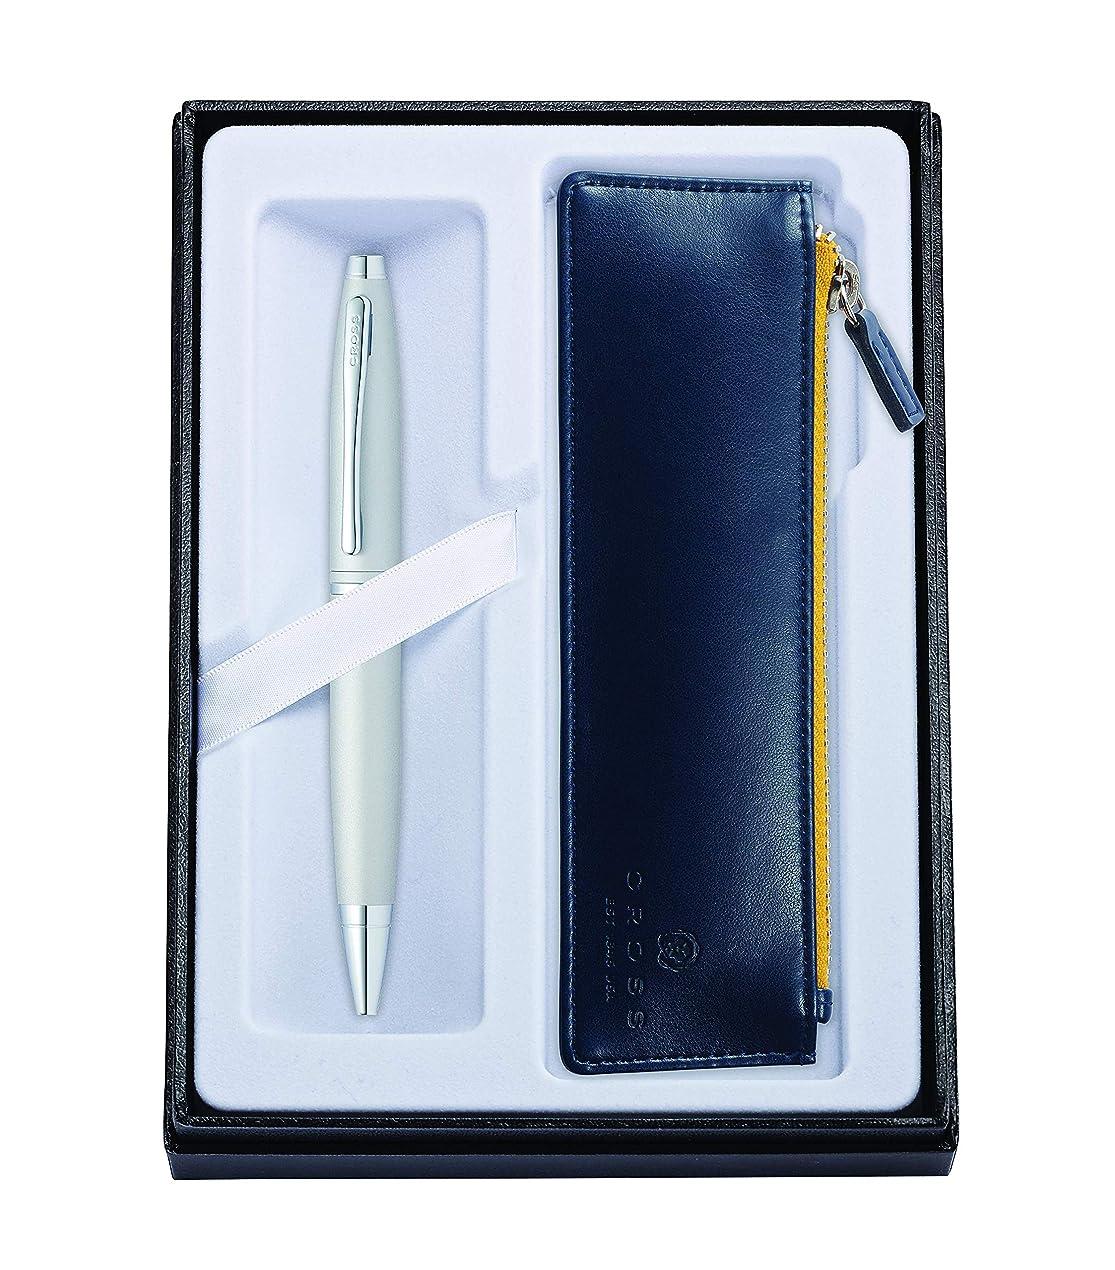 堀染色崇拝しますクロス ボールペン 油性 ギフトセット カレイ AT0112-16/Z2 オールオーバーサテンクローム ジッパーペンケースブルー付 正規輸入品